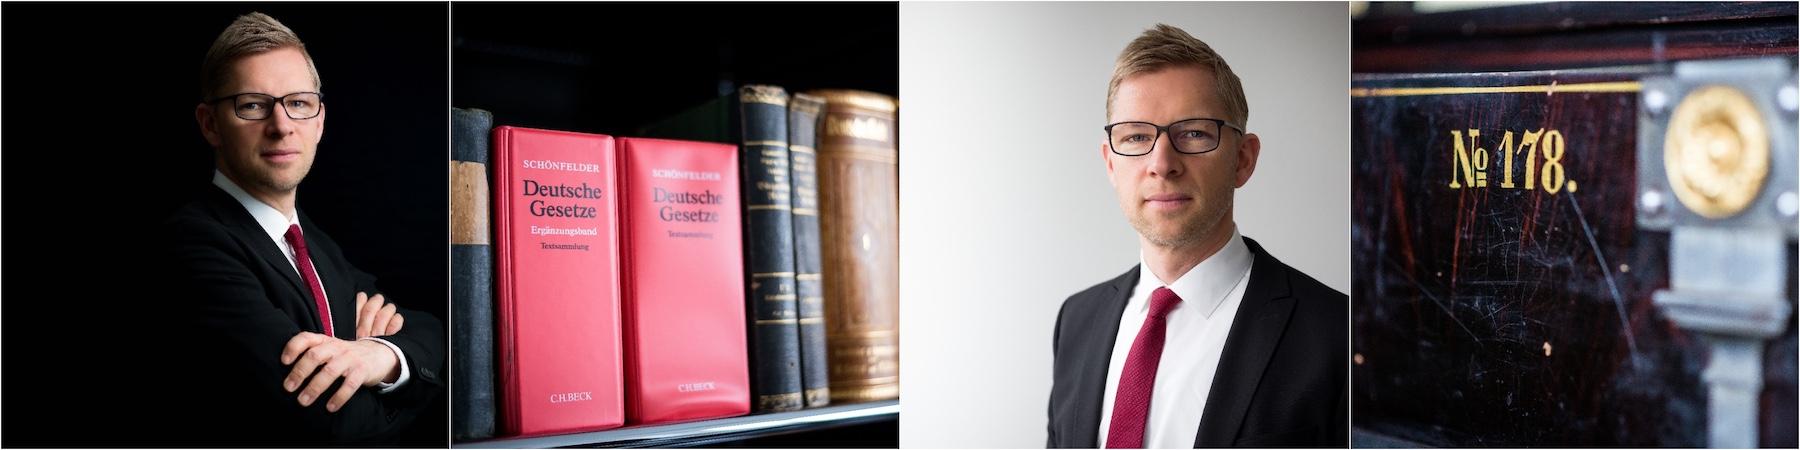 L.L.M. Andreas Leicher - Rechtsgebiete | Fachanwalt für Strafrecht Rosenheim | Strafverteidiger | Fachanwalt für Verkehrsrecht